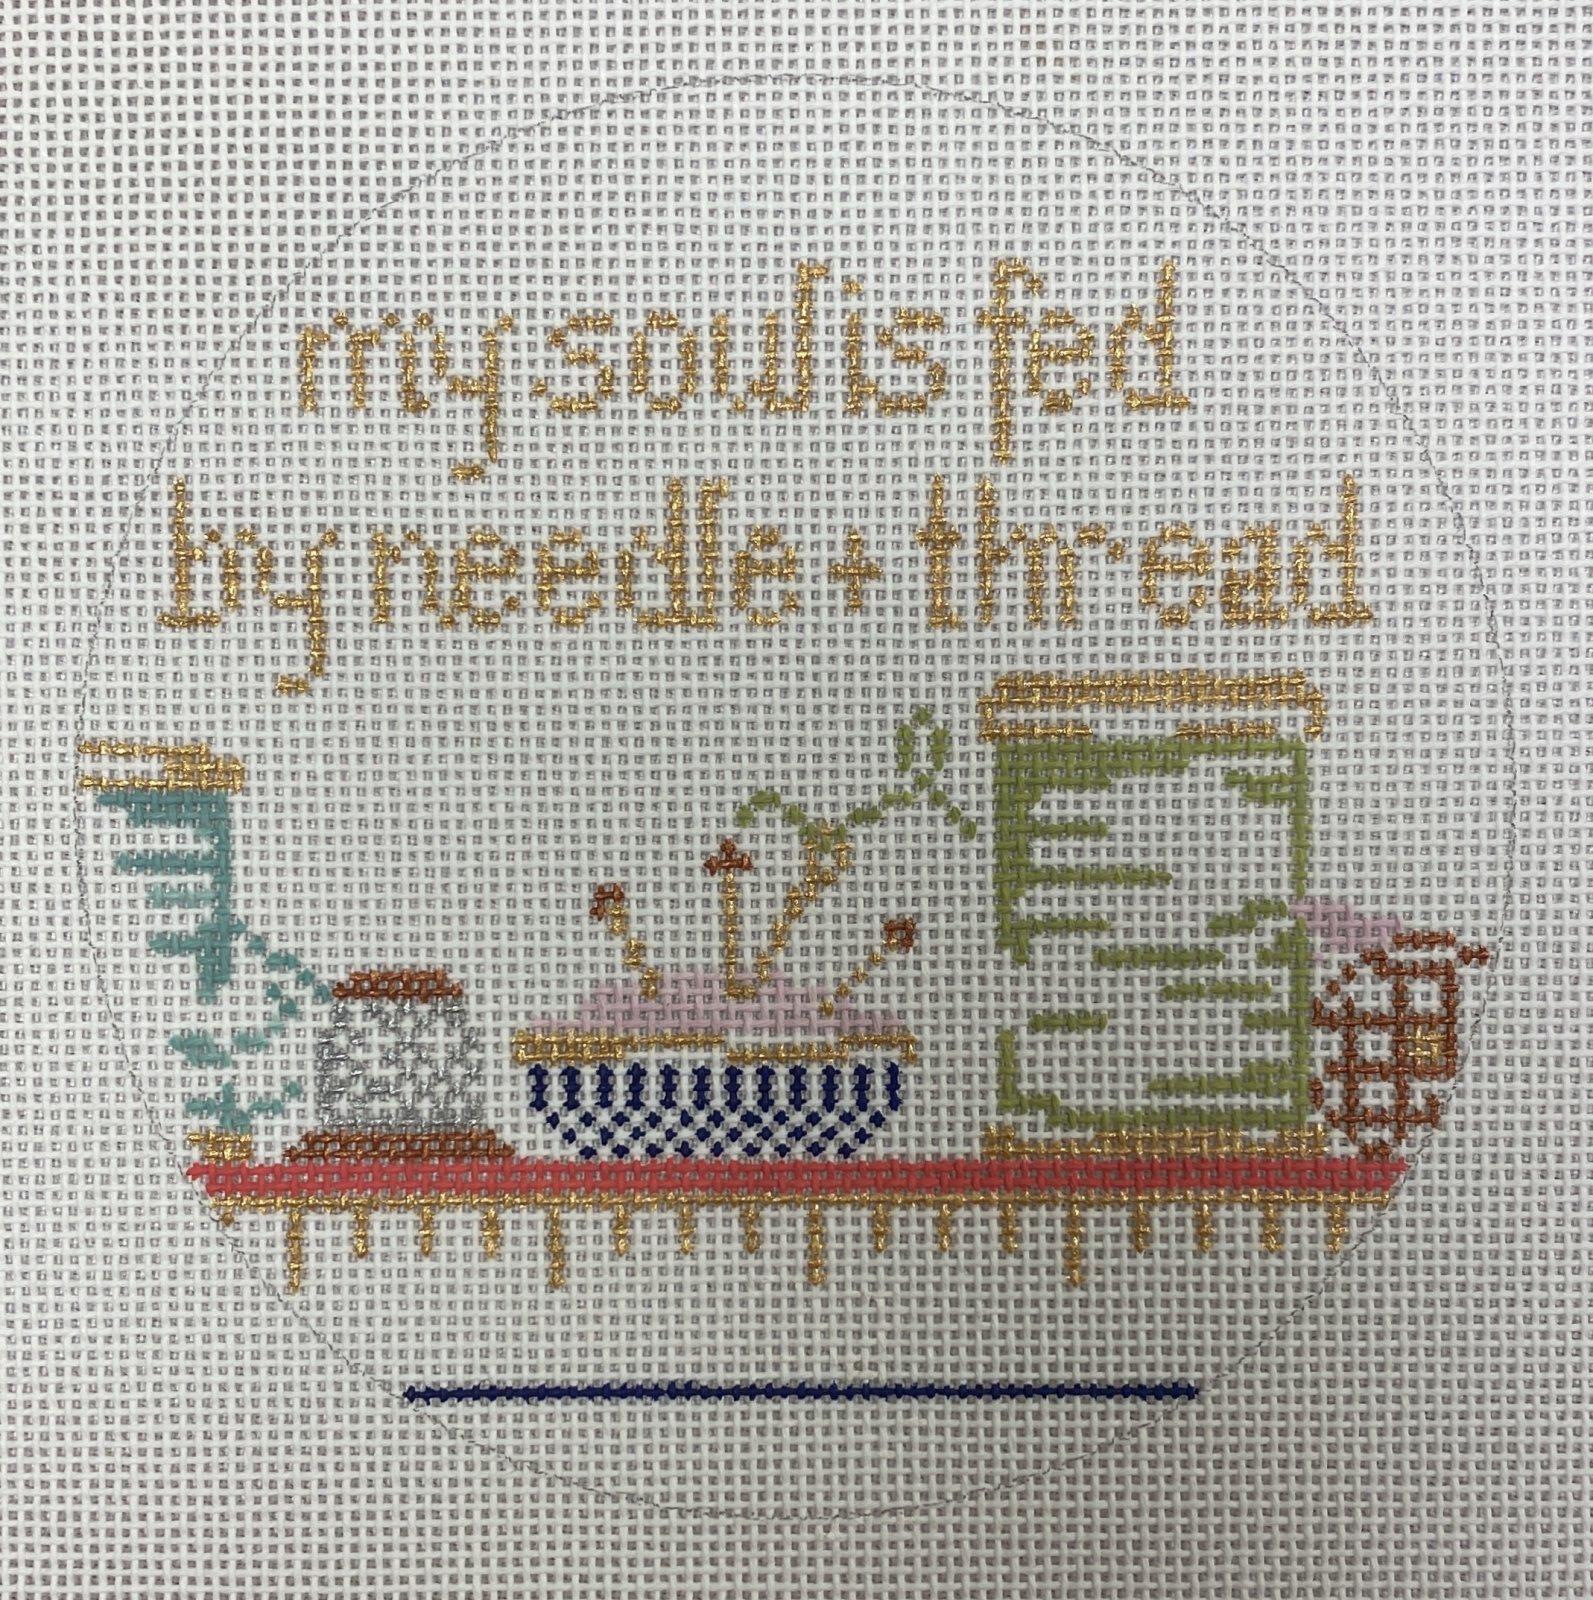 my soul is fed w needle & thread